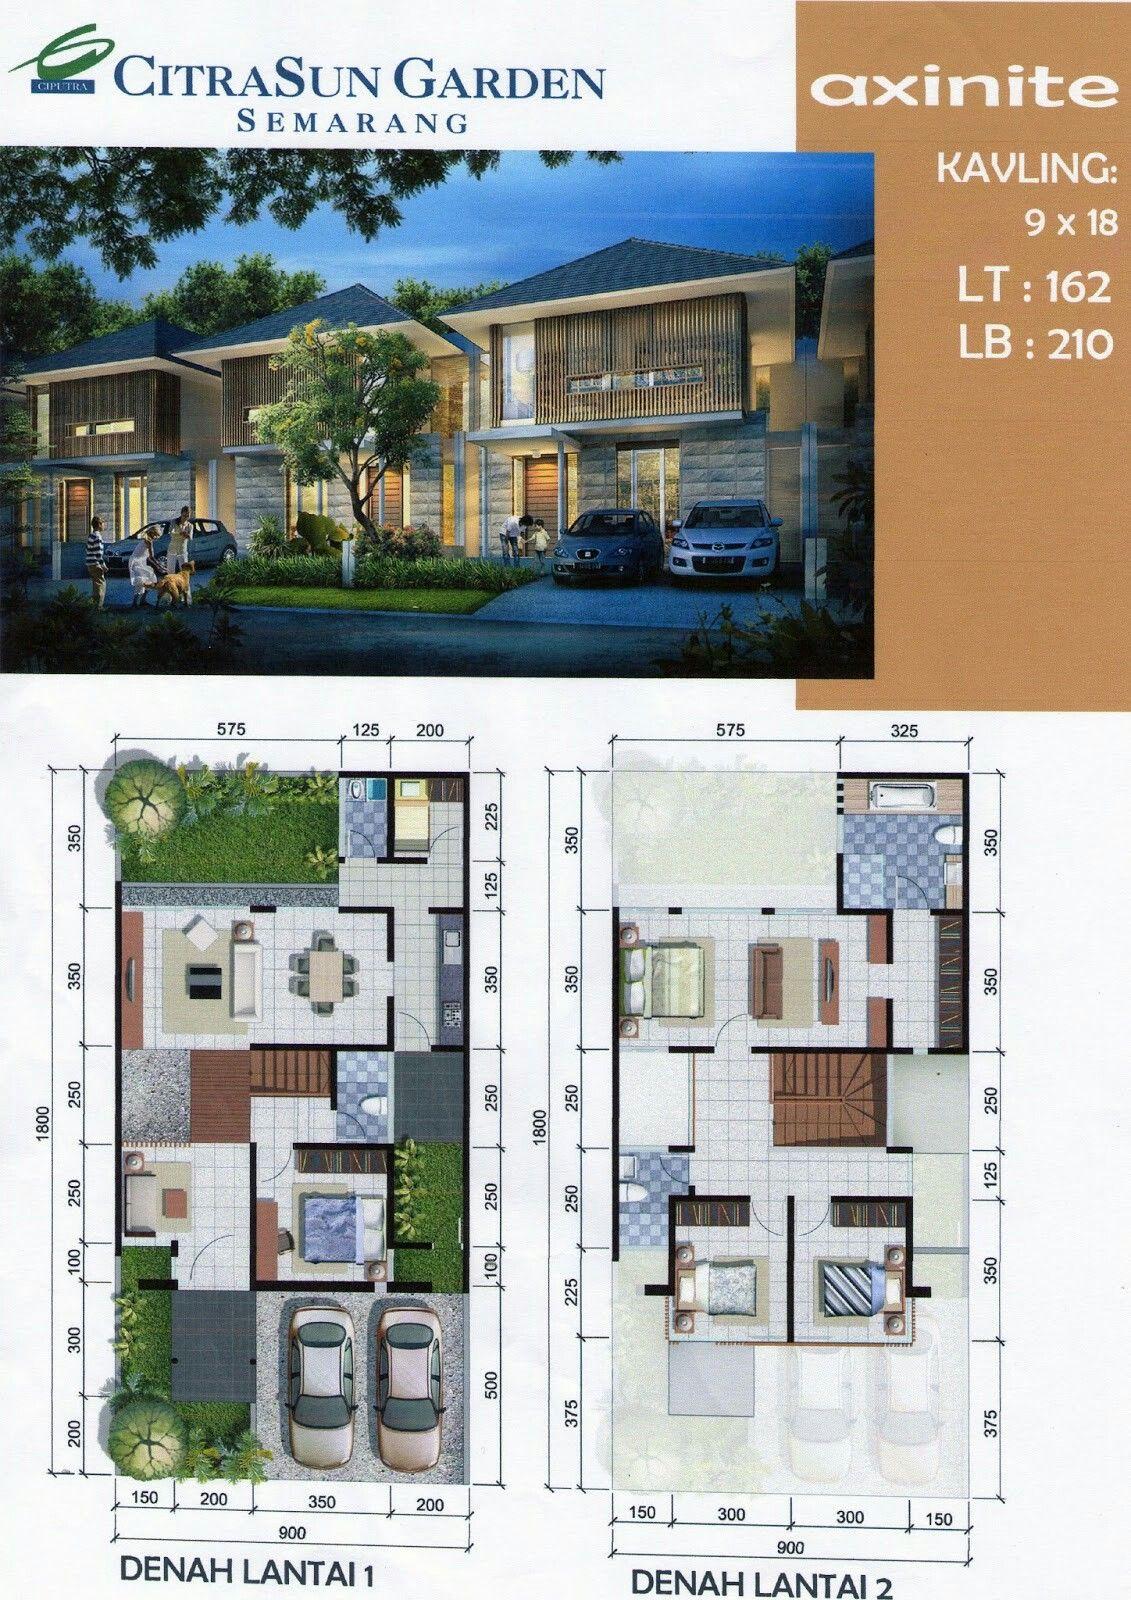 Pin Oleh Luis Miguel Andrea Di House Plans Arsitektur Desain Arsitektur Denah Rumah